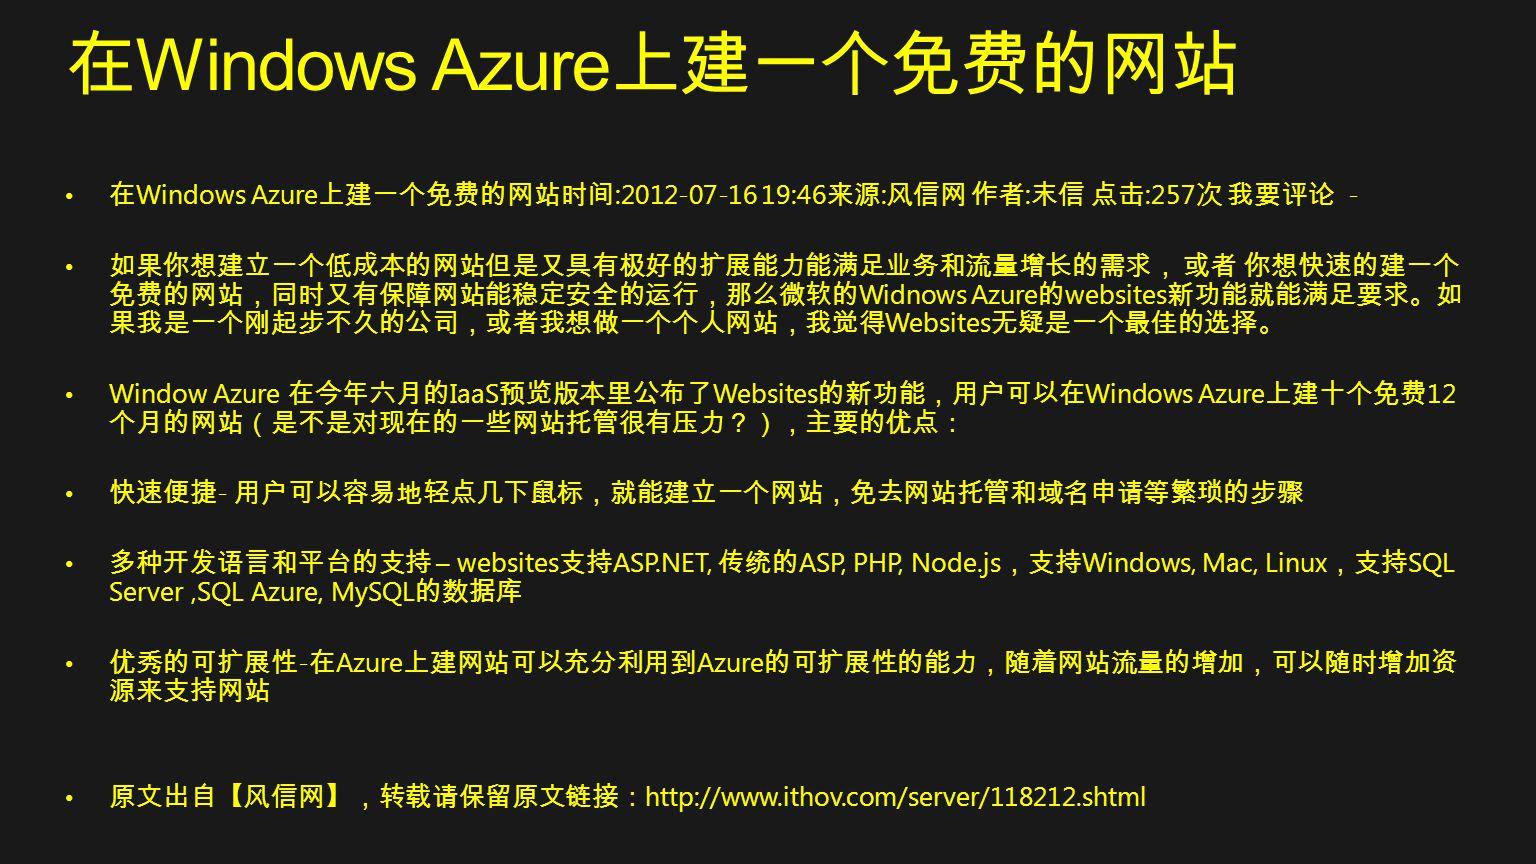 在Windows Azure上建一个免费的网站